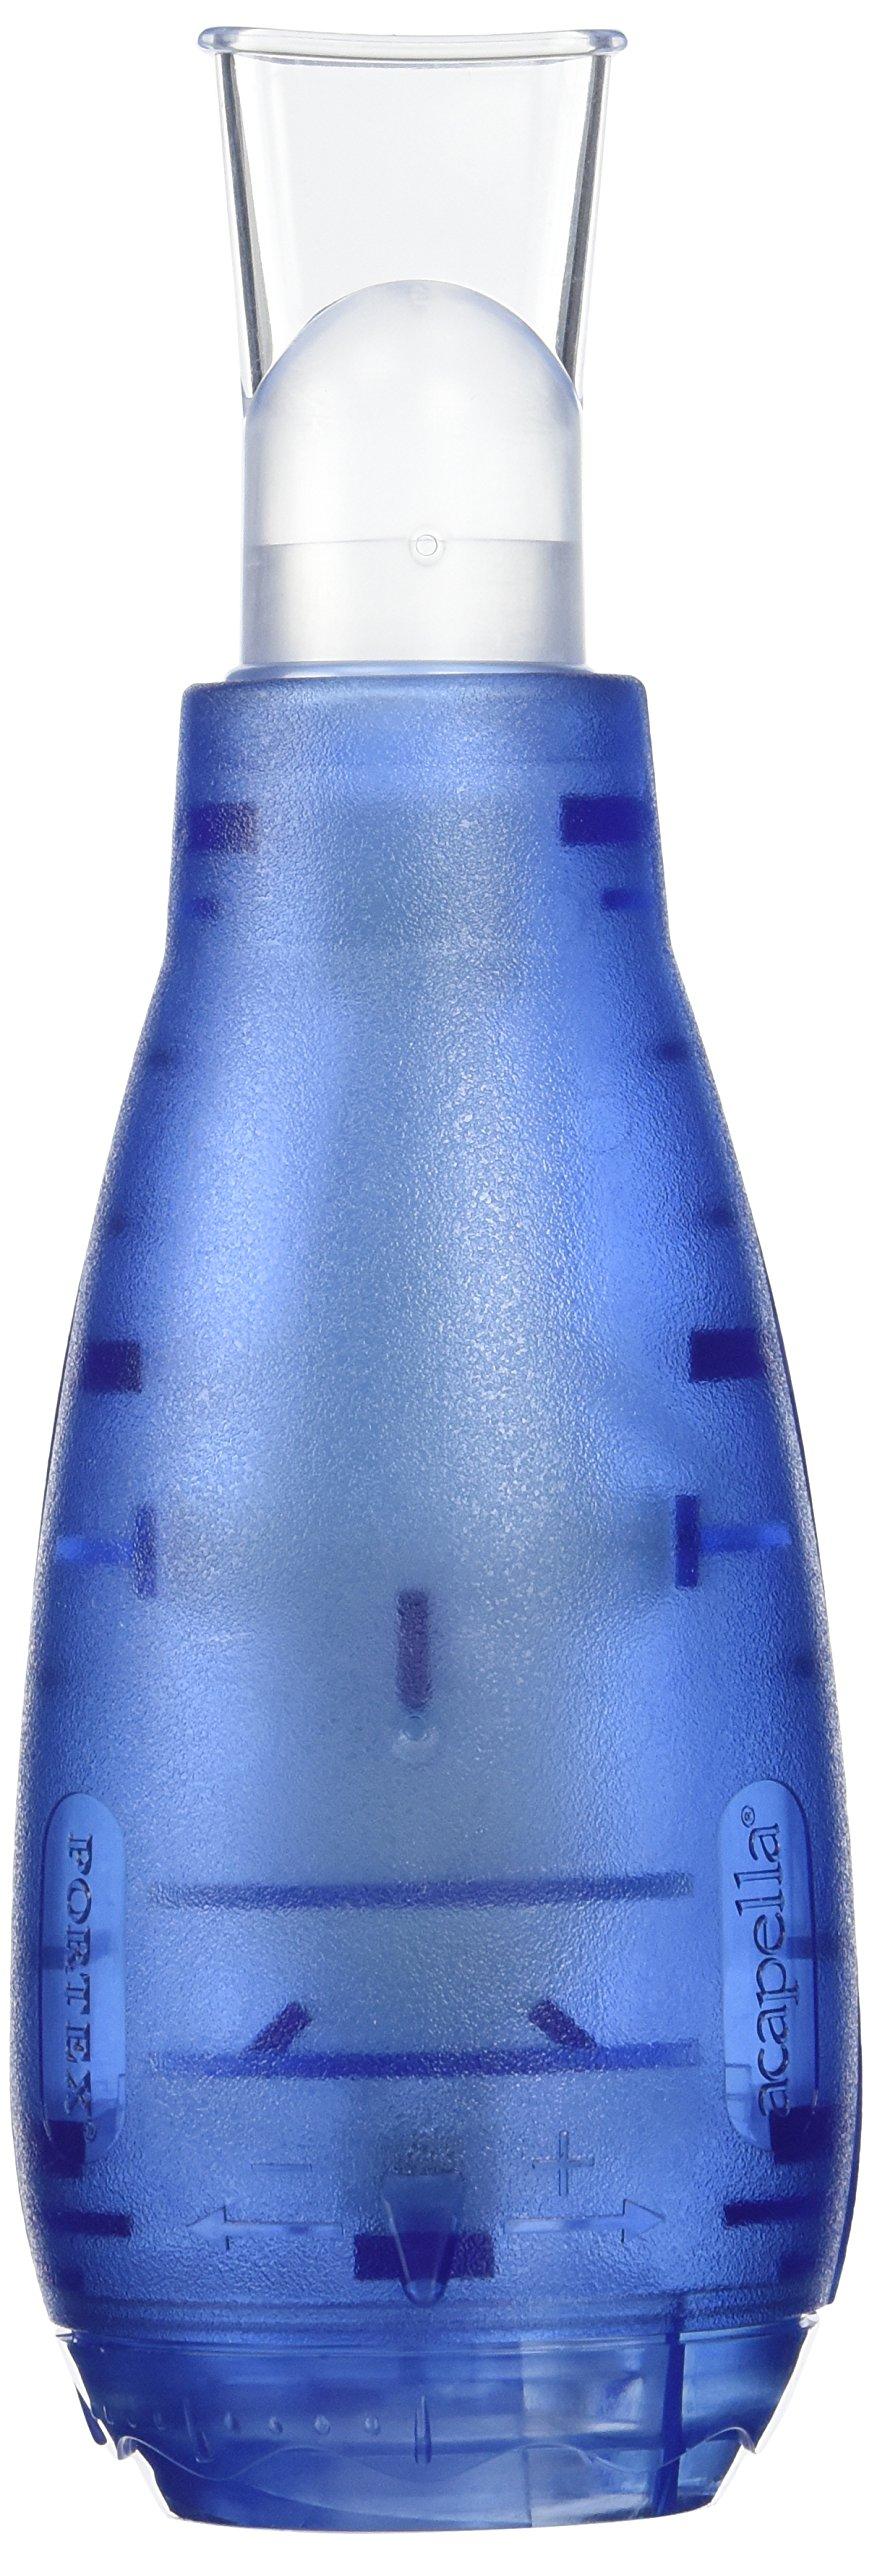 ACAPELLA DEVICE BLUE (EA) by Acapella